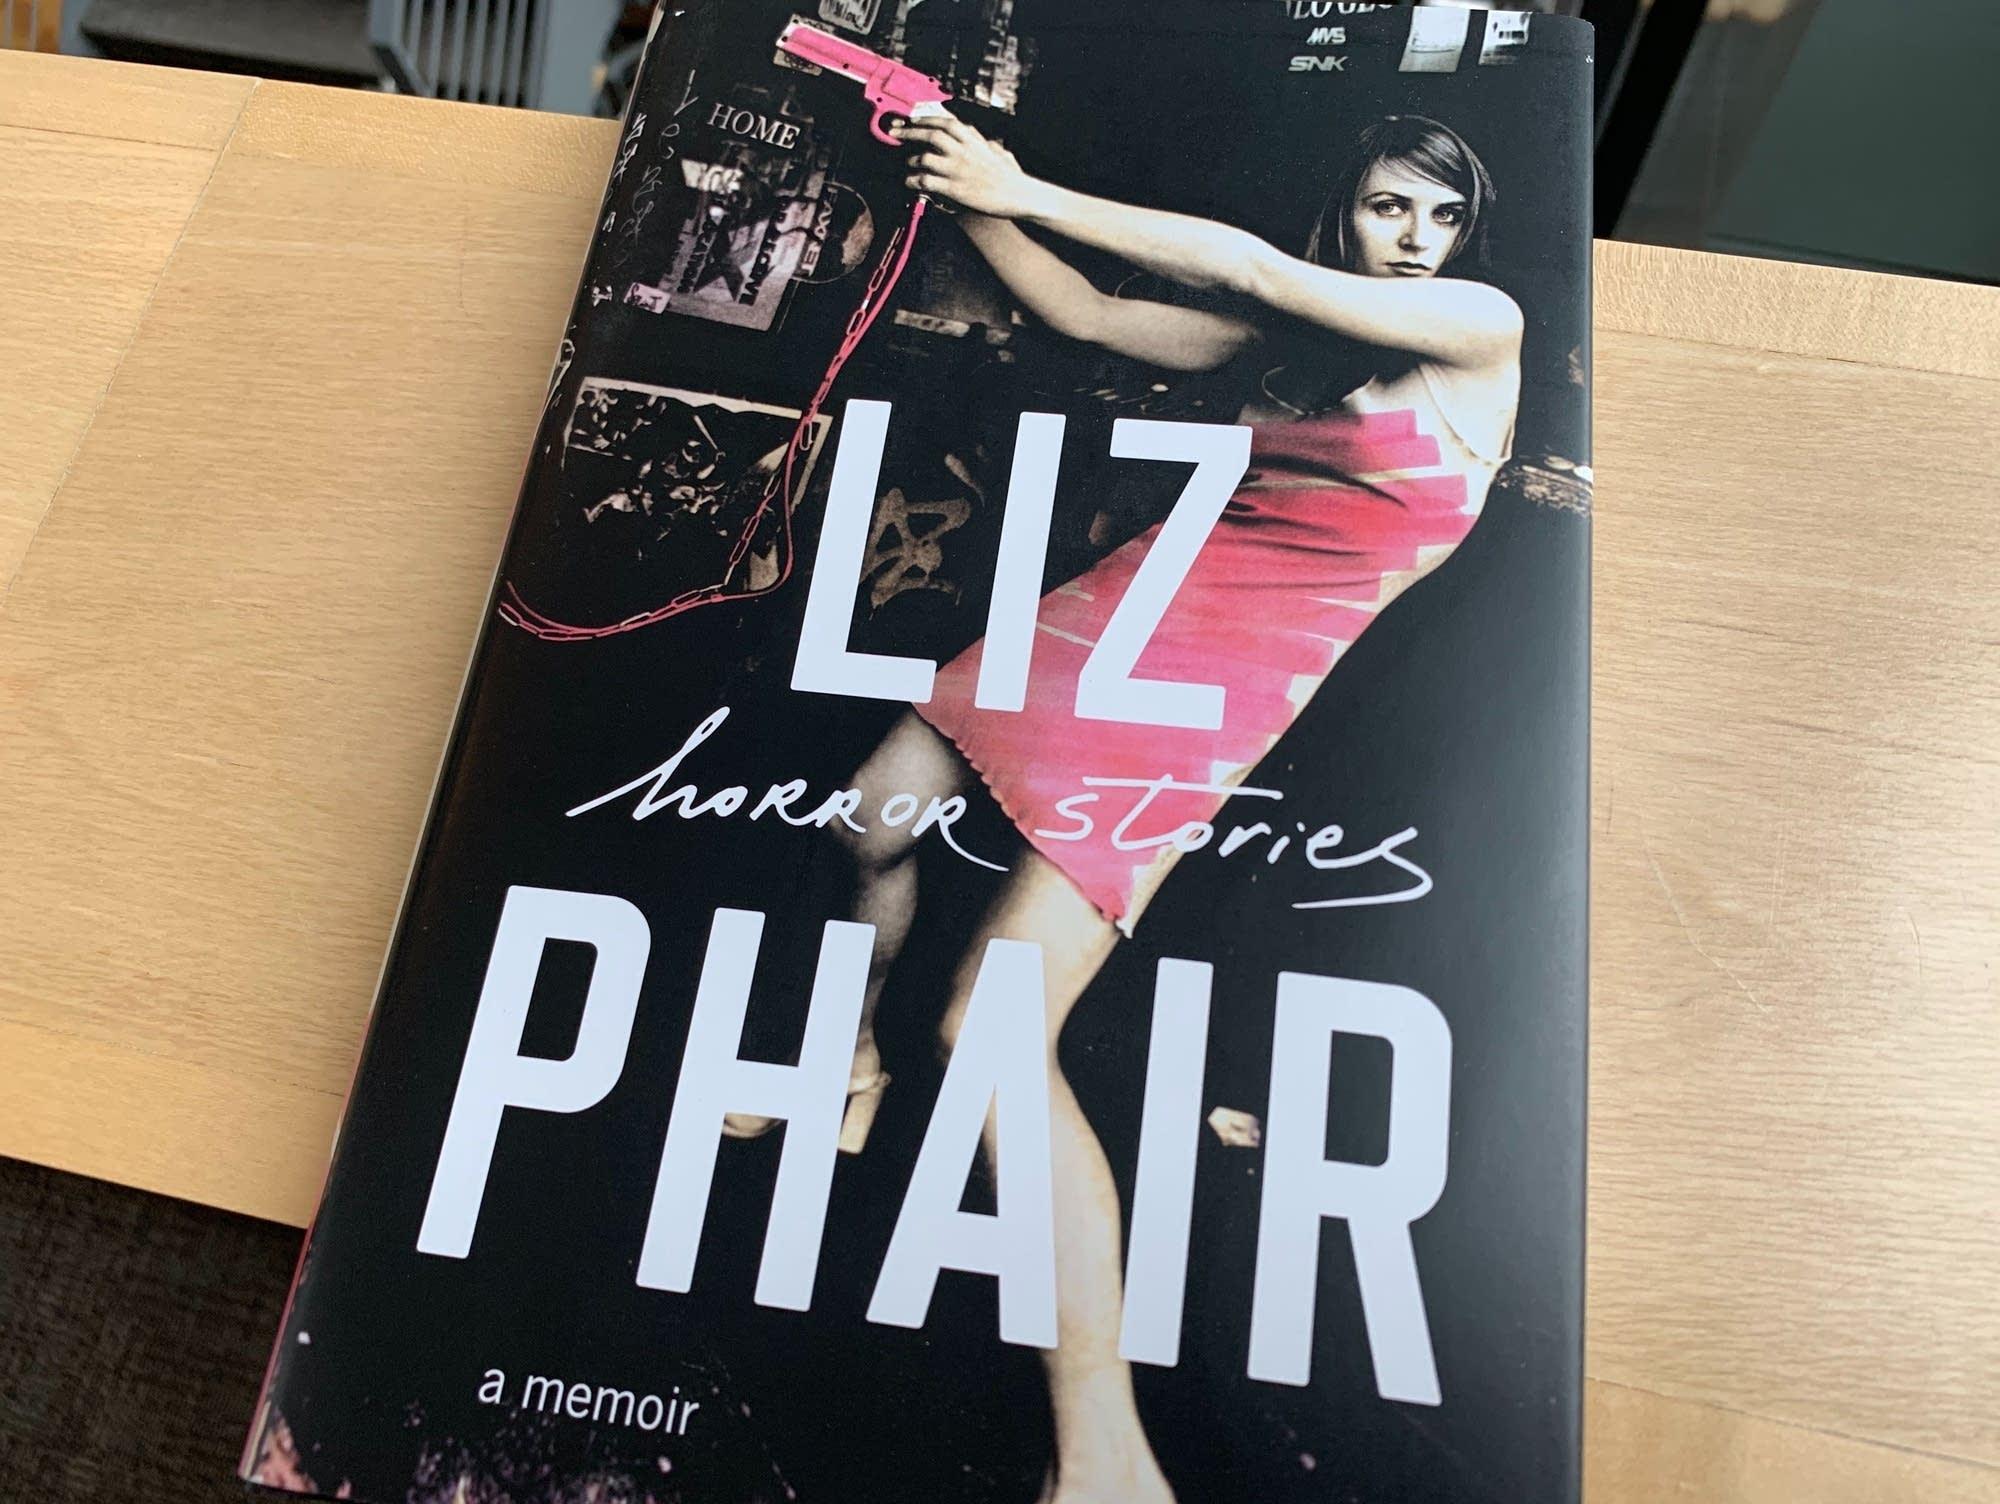 Liz Phair's 'Horror Stories.'